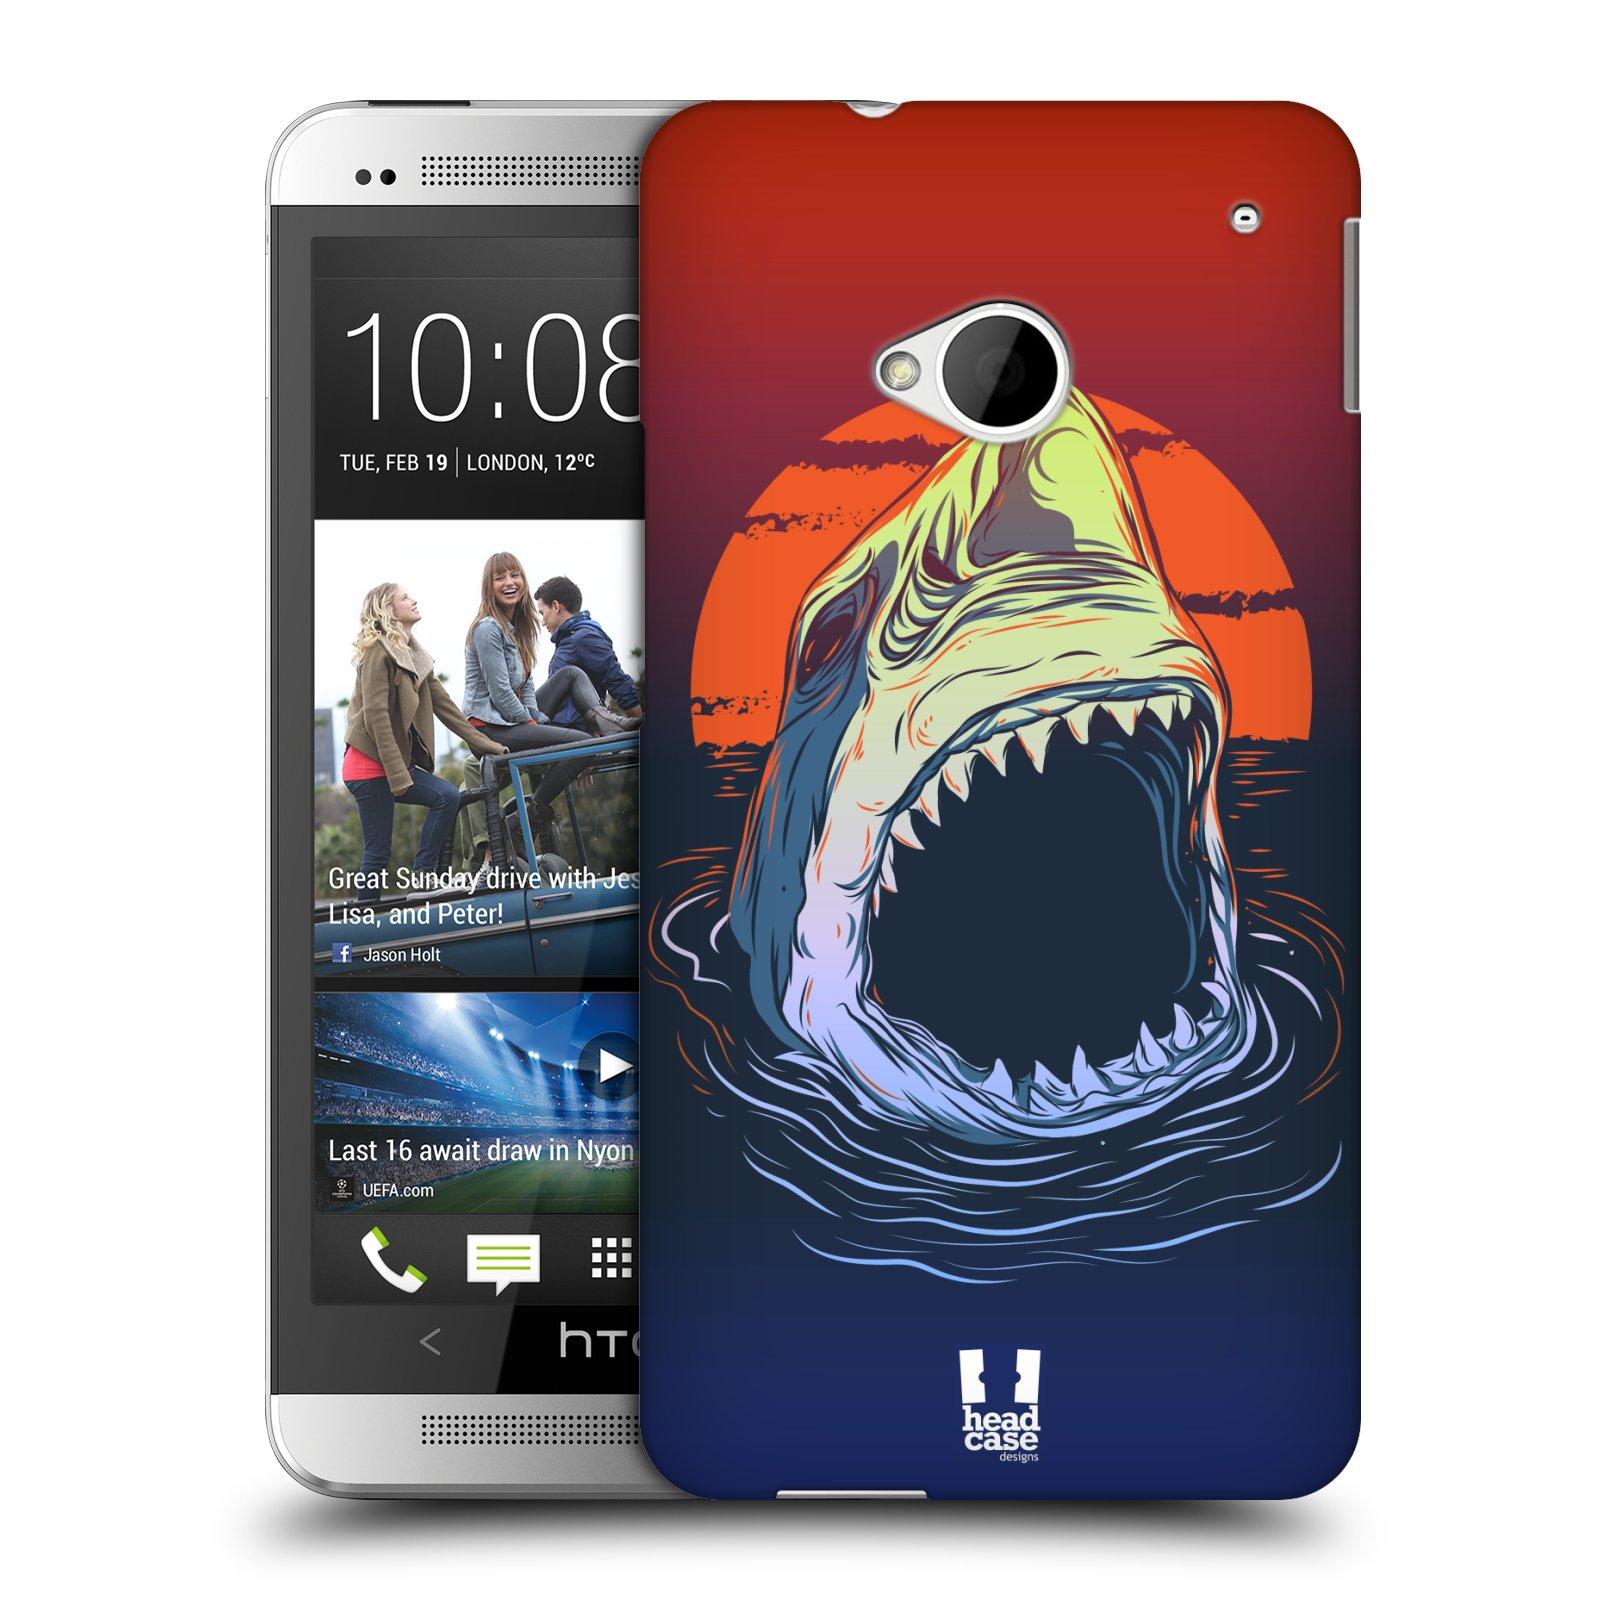 HEAD CASE plastový obal na mobil HTC One (M7) vzor mořská monstra žralok